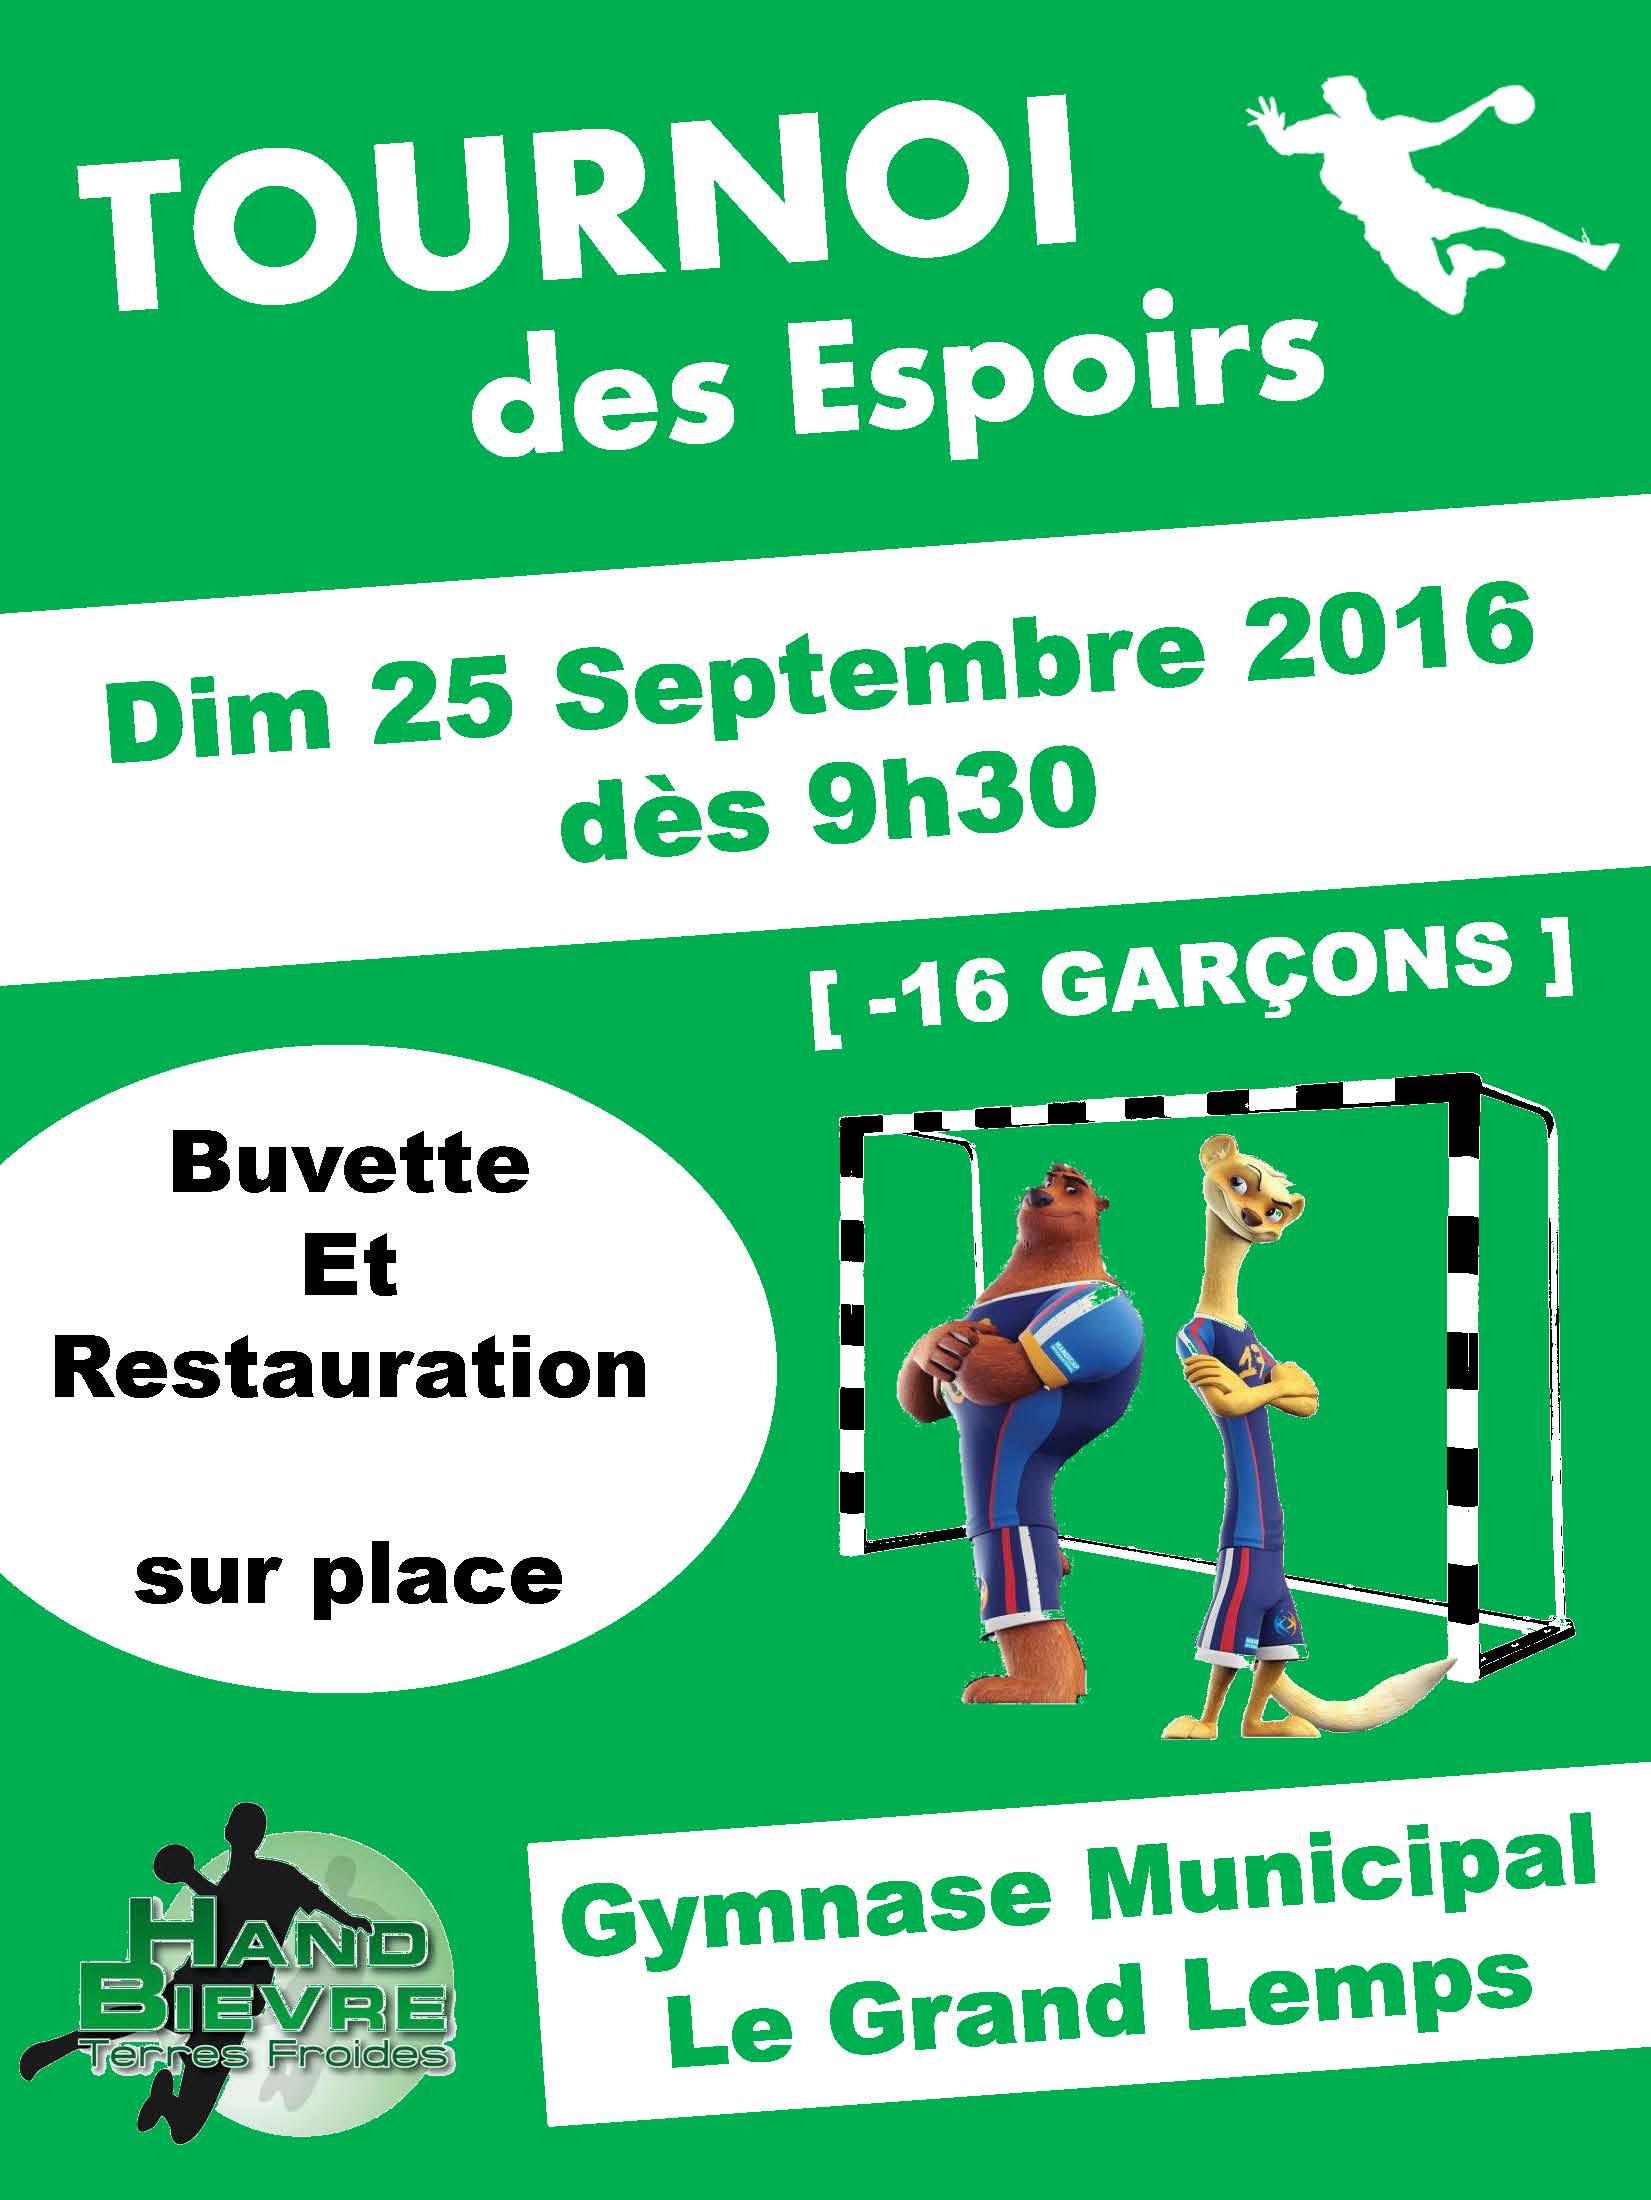 2ème édition du tournoi des Espoirs - Hand Bievre Terres Froides - Club de Handball en Isère